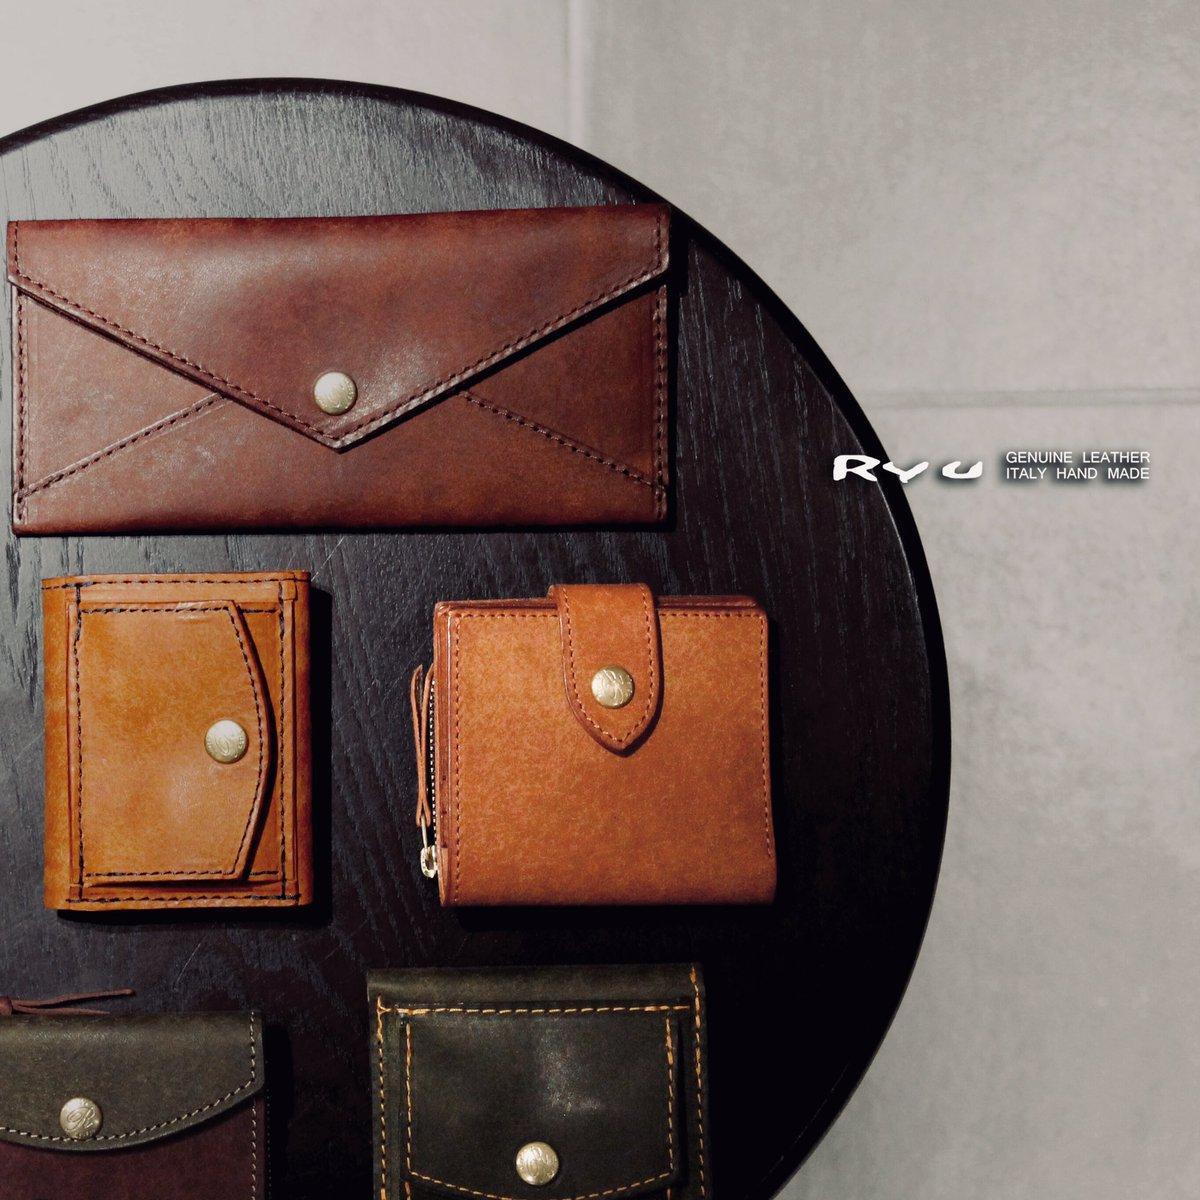 a063cd0a0793 Ryuでは小型バッグ愛用の方や少ない持ち物でまとめたい方にピッタリなお財布 を各種製作しております徐々に暖かくなり軽装でのおでかけや旅行にも最適です#小さい財布 ...